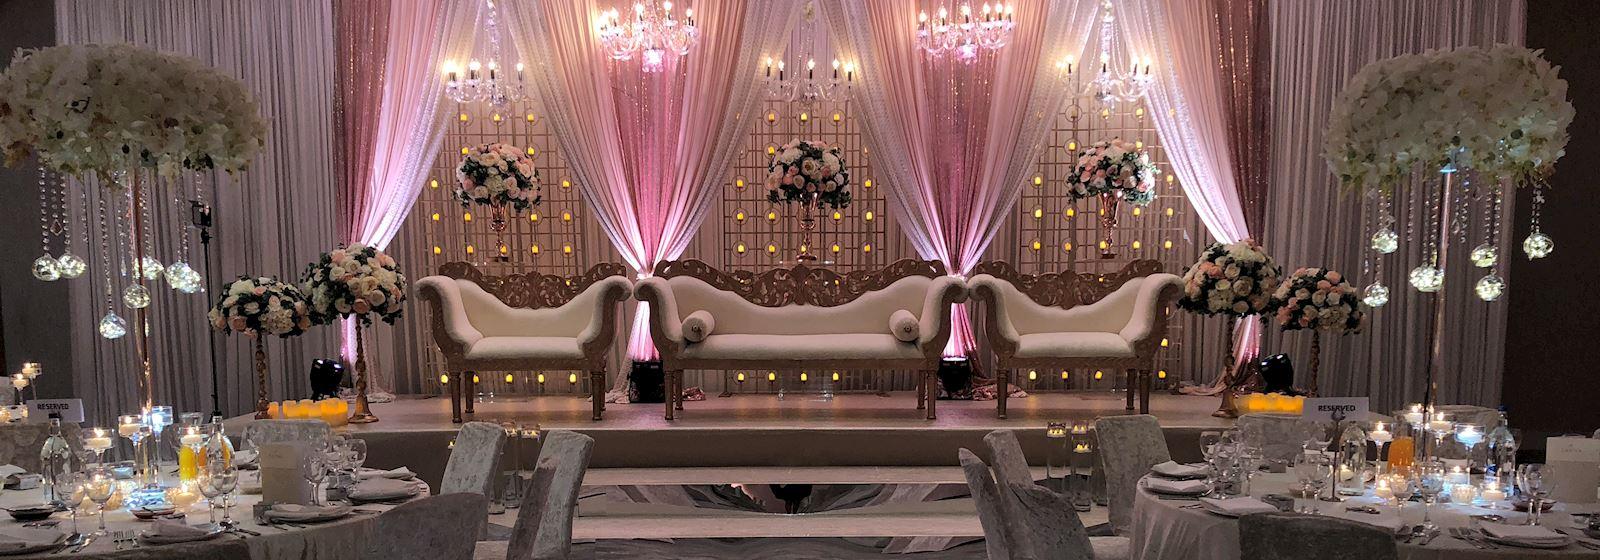 wedding party venues london heathrow